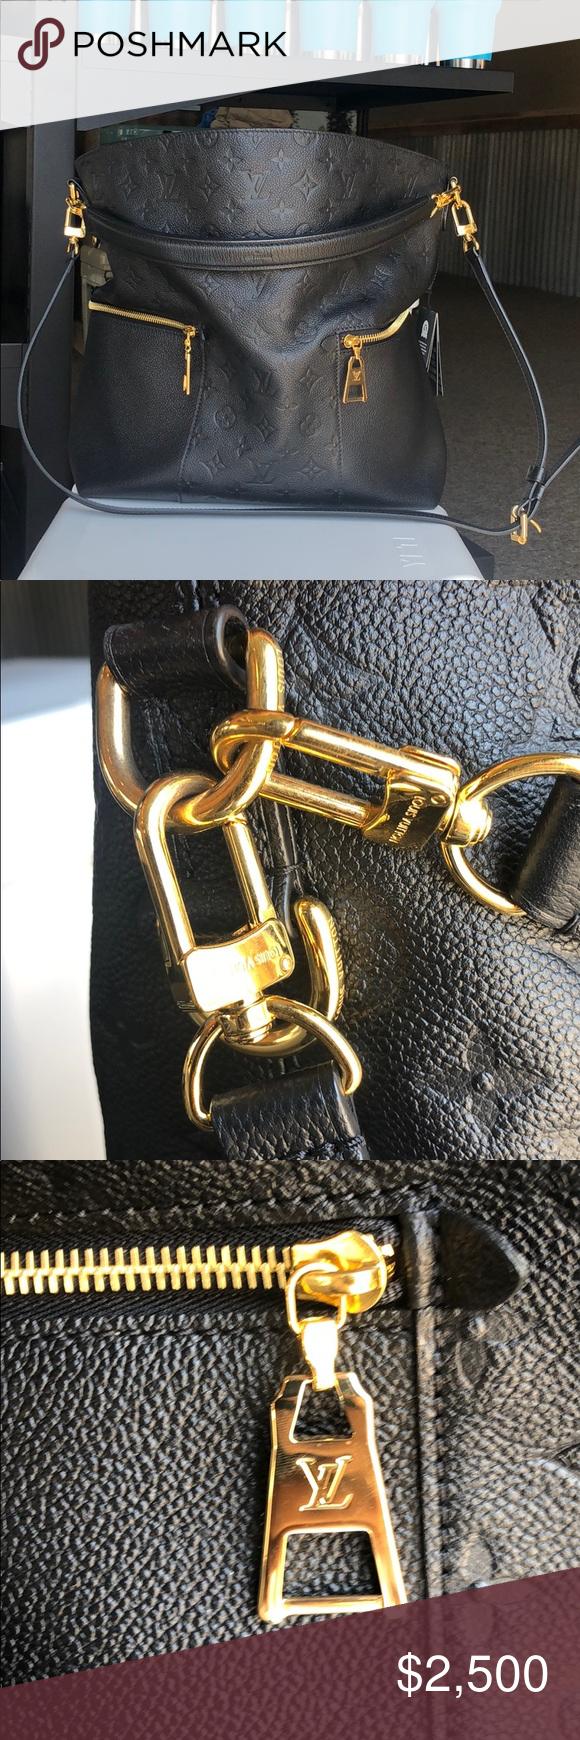 LOUIS VUITTON Mélie handbag Monogram Empreinte Excellent